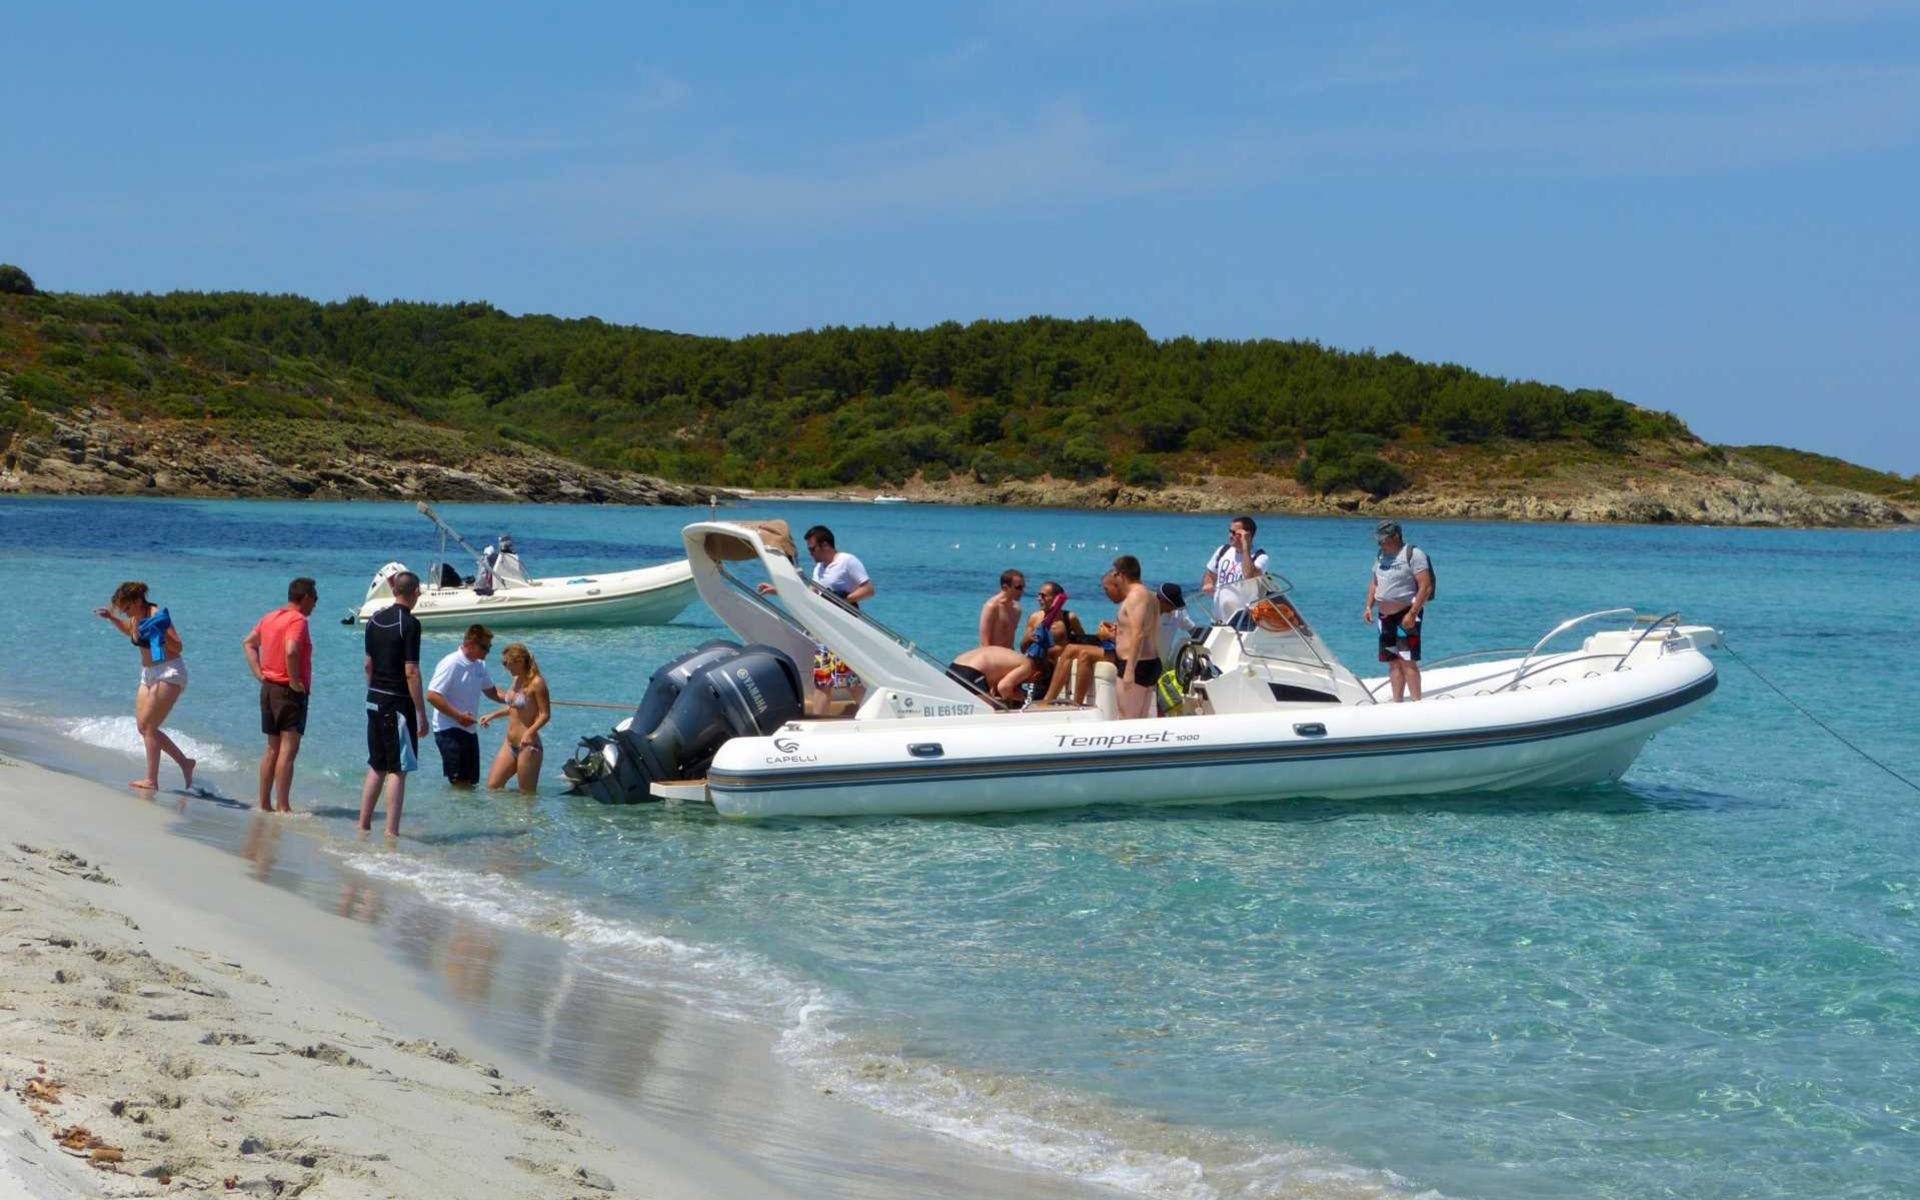 Organisation d'un seminaire séminaire sur la côte méditerranéenne pour entreprise : Séminaire en Corse - image 2